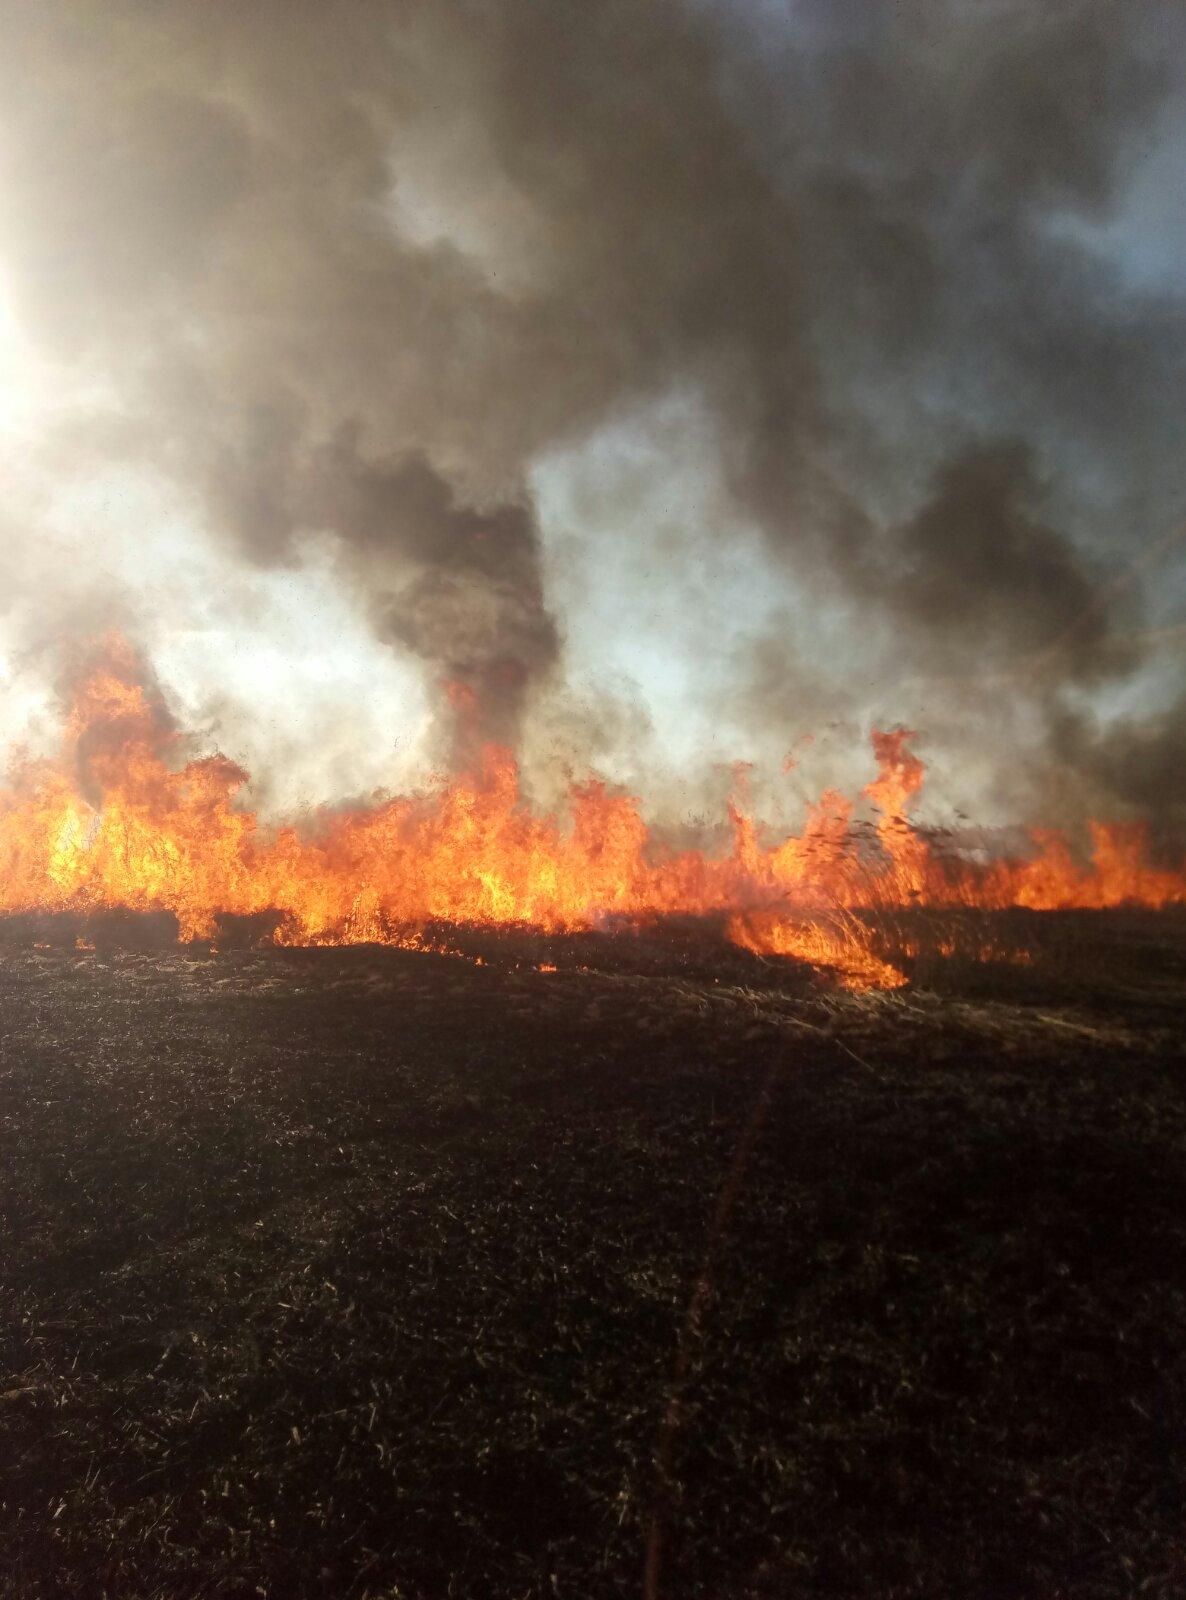 На Київщині знову масово палять траву: рятувальники б'ють на сполох - трав'яний настил, пожежі, київщина - 0 02 0a efa1009075ae588d273b15e7024f180986cc18a93db2c9d17c72eeacc3c19ae0 764301e1